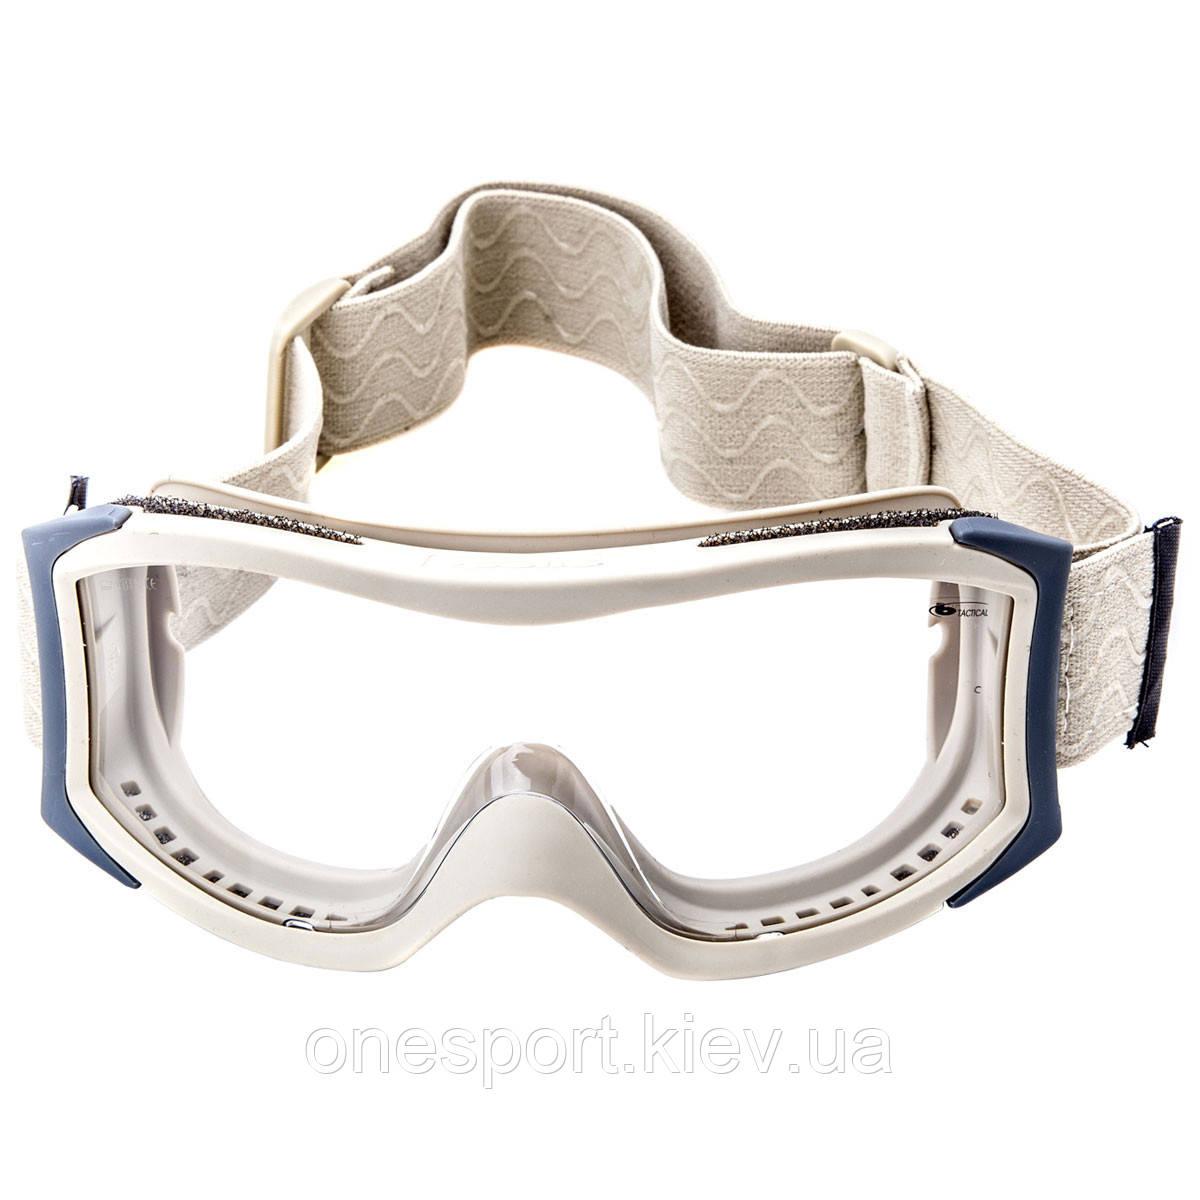 X1SSTDI Очки тактические Bolle X1000 песочные с прозрачными линзами + сертификат на 150 грн в подарок (код 249-301242)